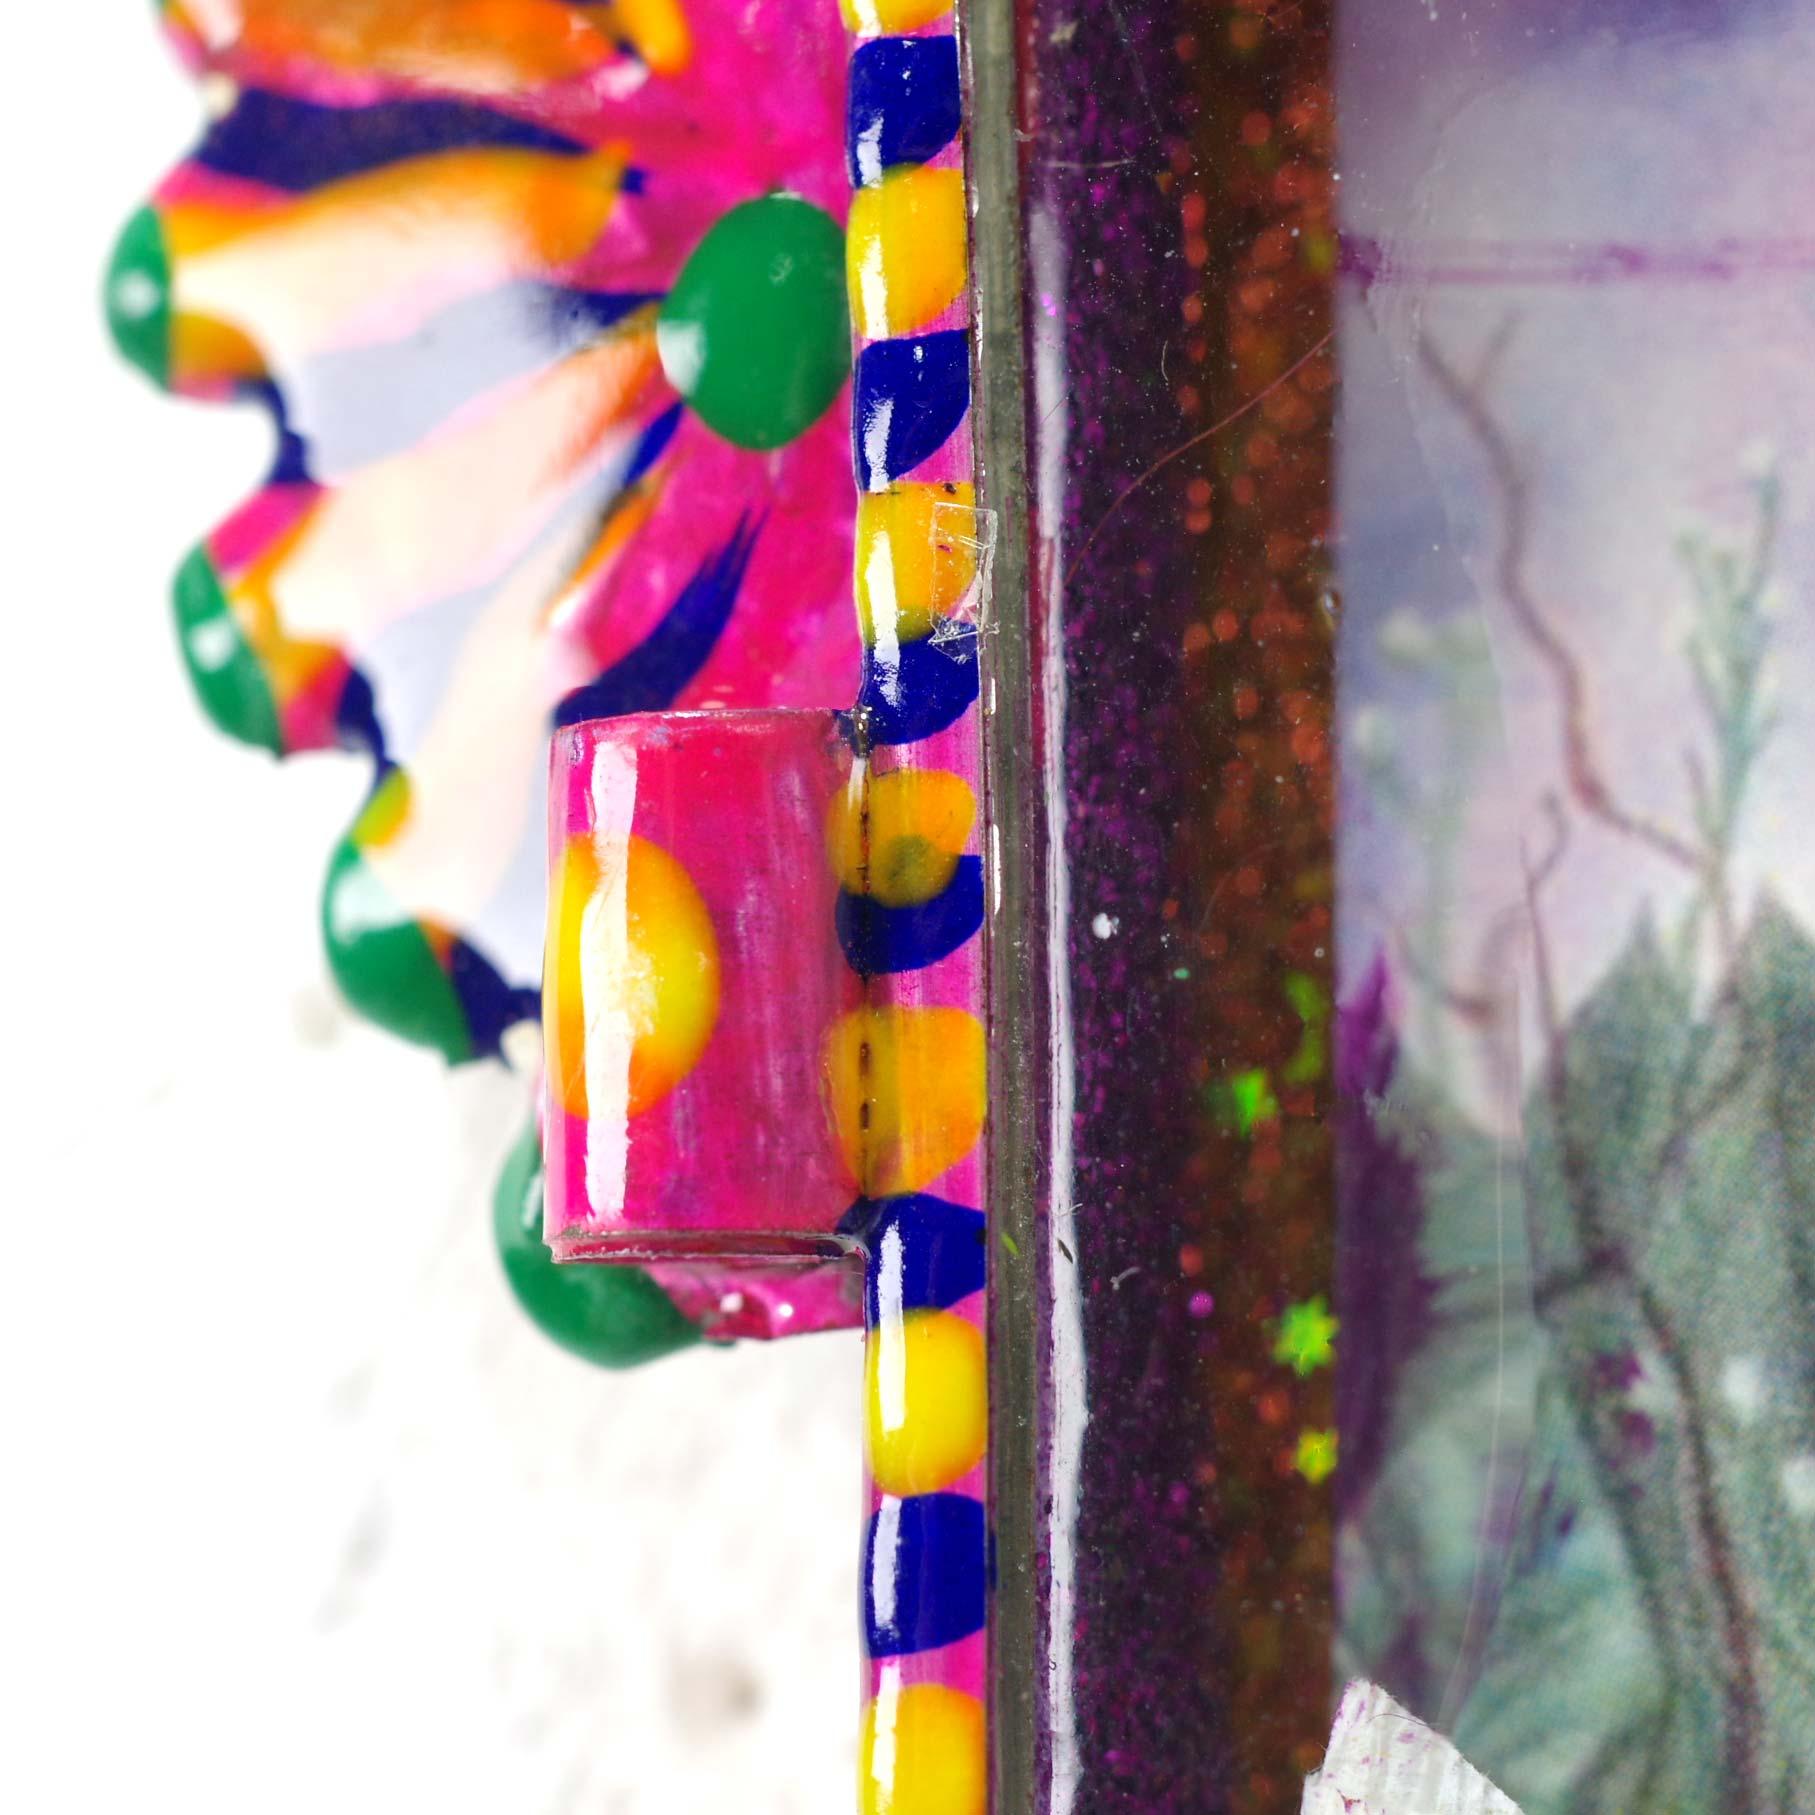 """""""ニチョ,ブリキボックス,ブリキ,箱,開く,祭壇,壁掛け,壁掛け,飾り,オーナメント,メキシコ,インテリア,インテリア雑貨"""""""